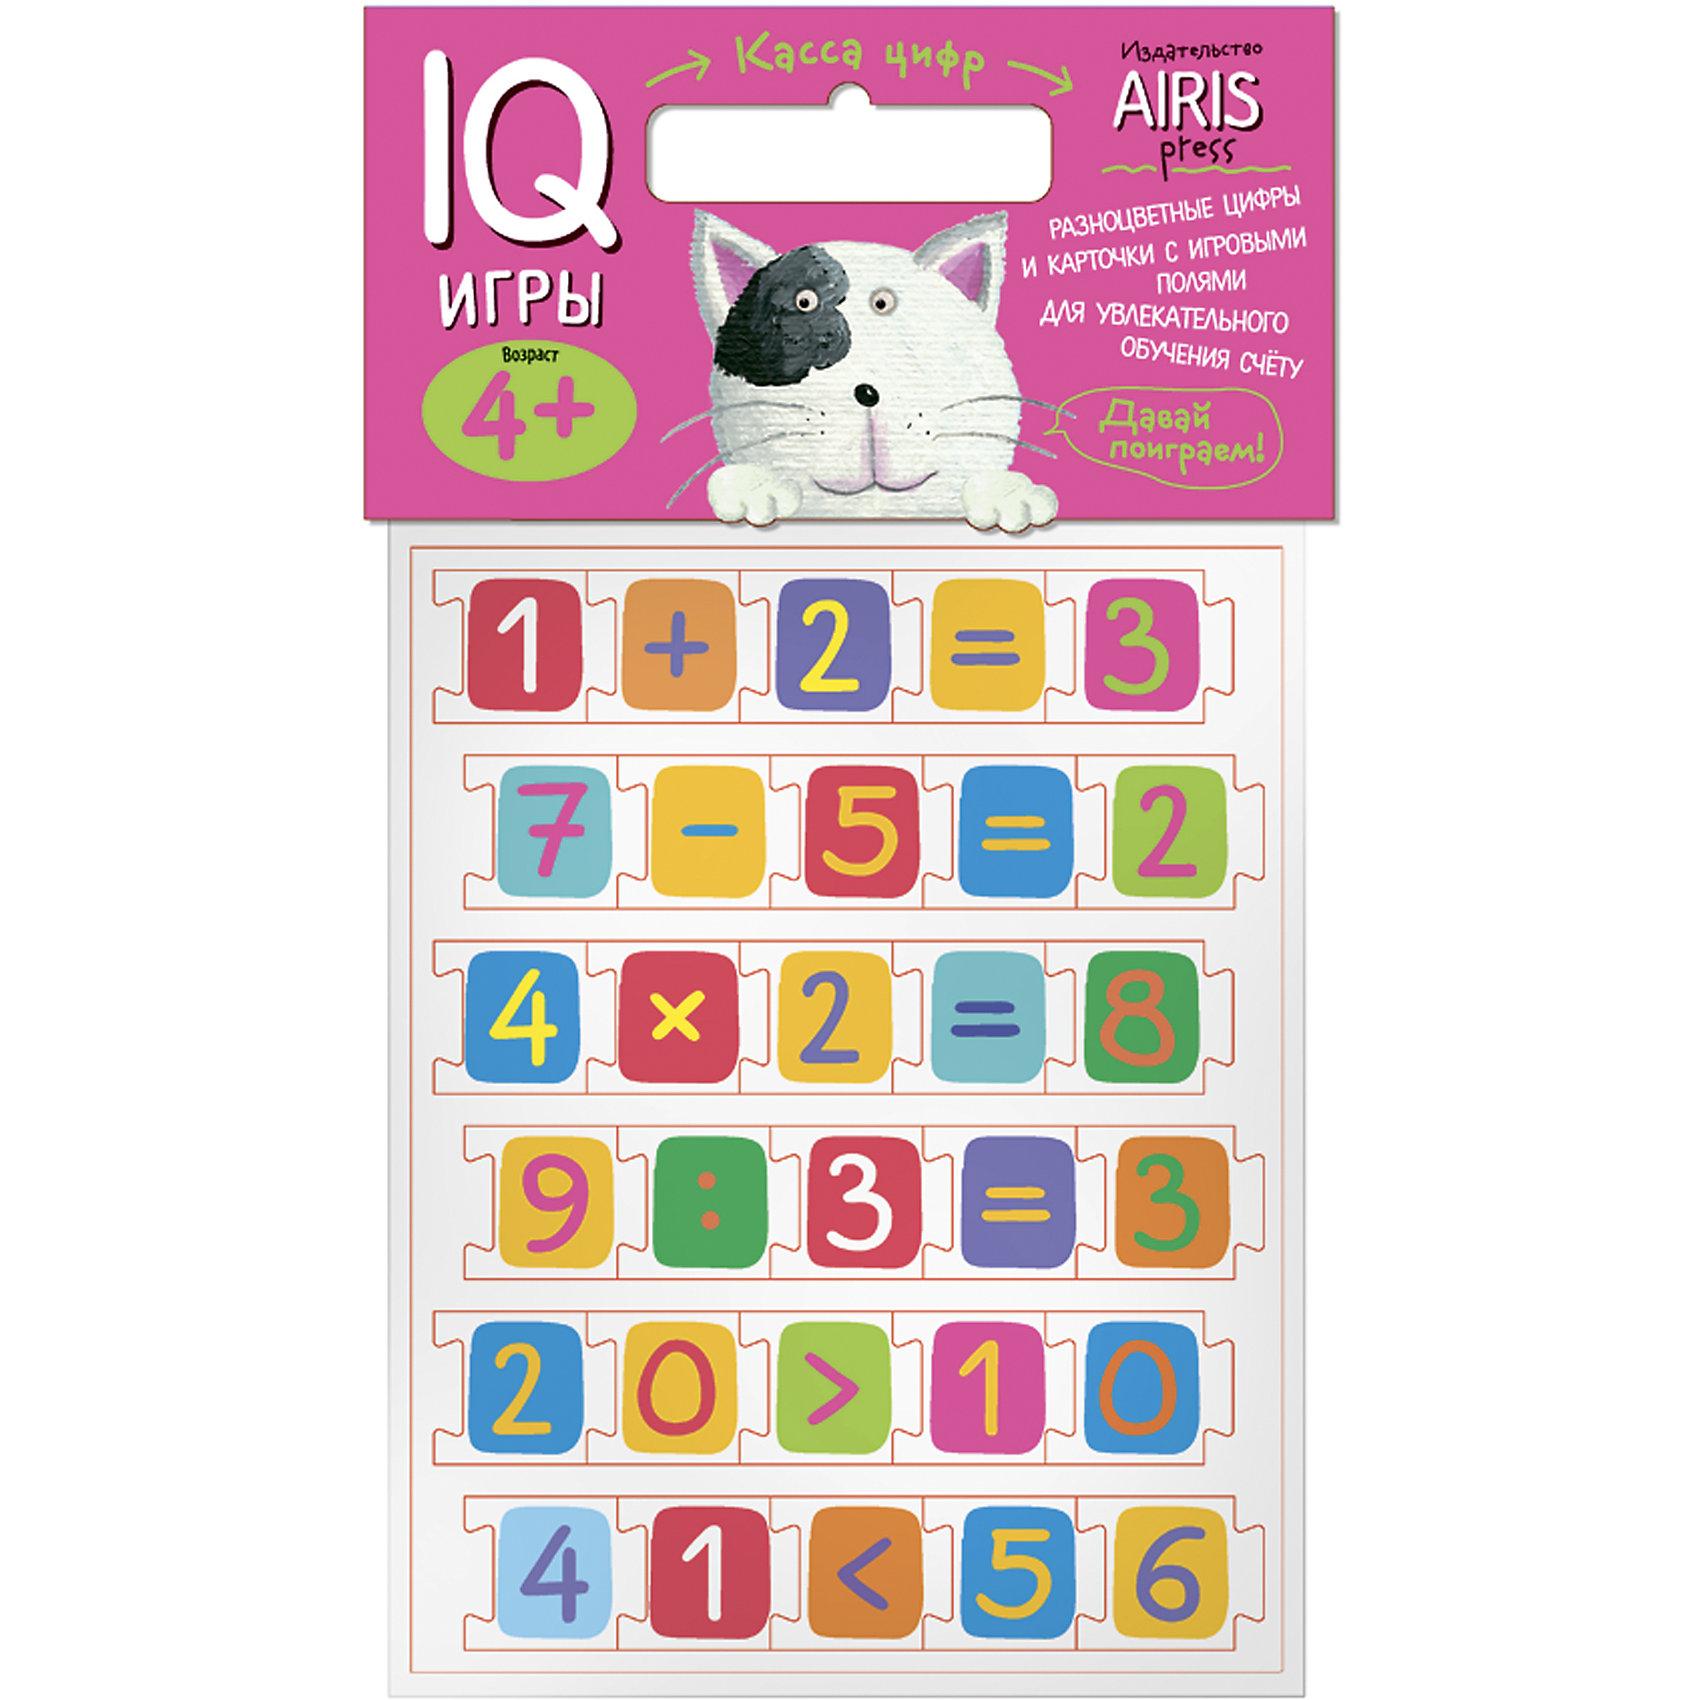 Касса цифр с игровыми полямиКасса цифр<br>Характеристики товара:<br><br>• возраст: от 4 лет<br>• комплектация:  касса цифр и математических знаков (выполненных в виде пазлов), листы с заданиями-игровыми полями<br>• производитель: Айрис-пресс<br>• серия: IQ игры<br>• материал: EVA, картон<br>• упаковка: пакет с хедером.<br>• размер упаковки: 22,5х17,5х2 см.<br>• вес: 91 гр.<br><br>Касса цифр с игровыми листами предназначена для обучения детей счёту. С его помощью можно проводить всевозможные развивающие игры, в ходе которых малыш познакомится с  цифрами и математическими знаками, научится считать и сравнивать, подбирать числа и математические выражения к картинкам.<br><br>Для активизации и закрепления знаний в наборе приложены рабочие листы - игровые поля, на которых дети сами могут  выполнить увлекательные задания.<br><br>Кассу цифр с игровыми полями можно купить в нашем интернет-магазине.<br><br>Ширина мм: 20<br>Глубина мм: 175<br>Высота мм: 225<br>Вес г: 91<br>Возраст от месяцев: 48<br>Возраст до месяцев: 72<br>Пол: Унисекс<br>Возраст: Детский<br>SKU: 6849522